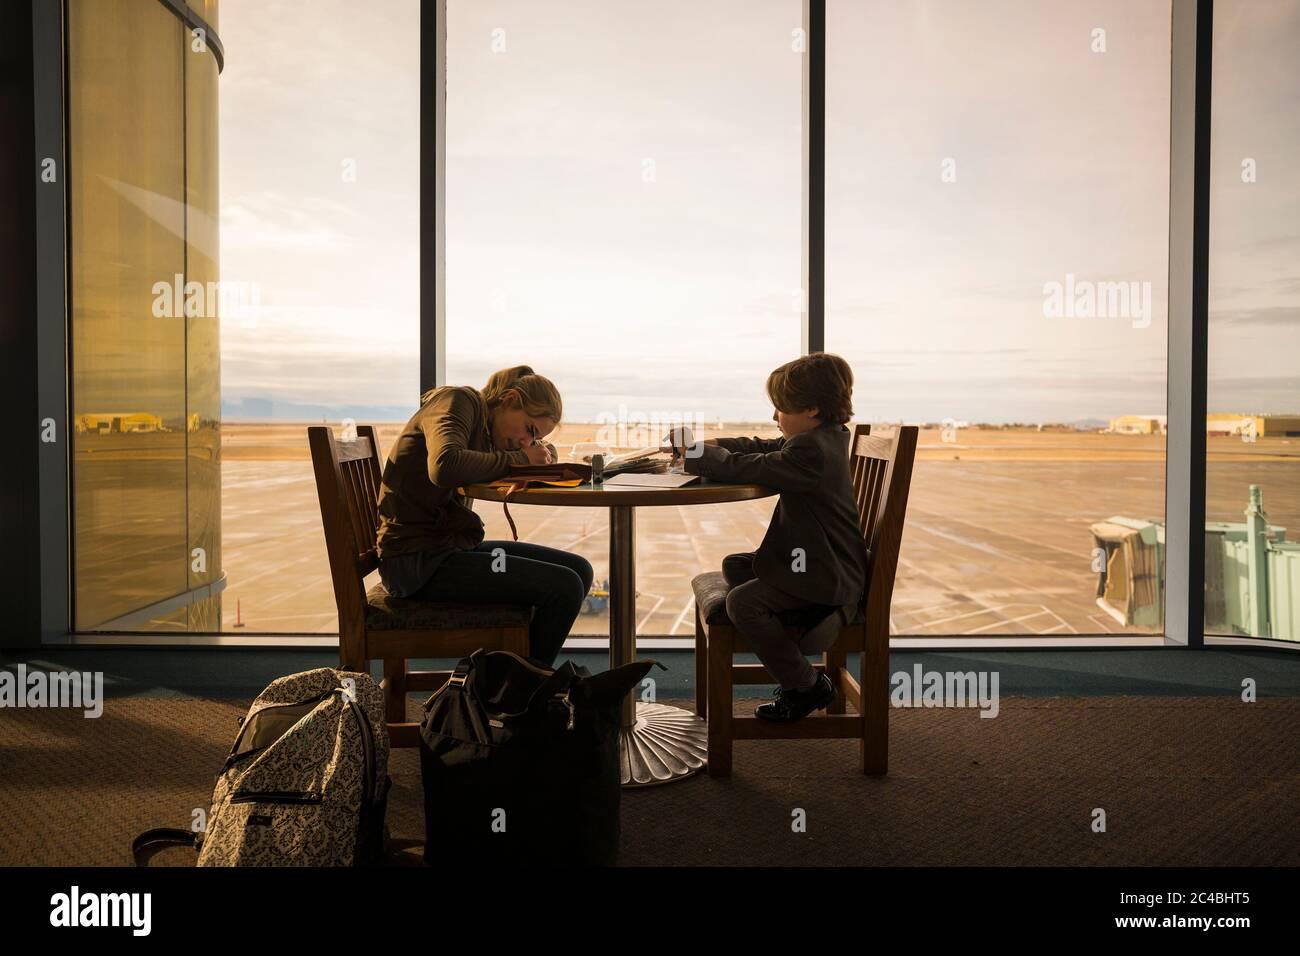 Un garçon et sa sœur aînée s'asseoir à une table dans un salon de l'aéroport, écrire et dessiner. Banque D'Images